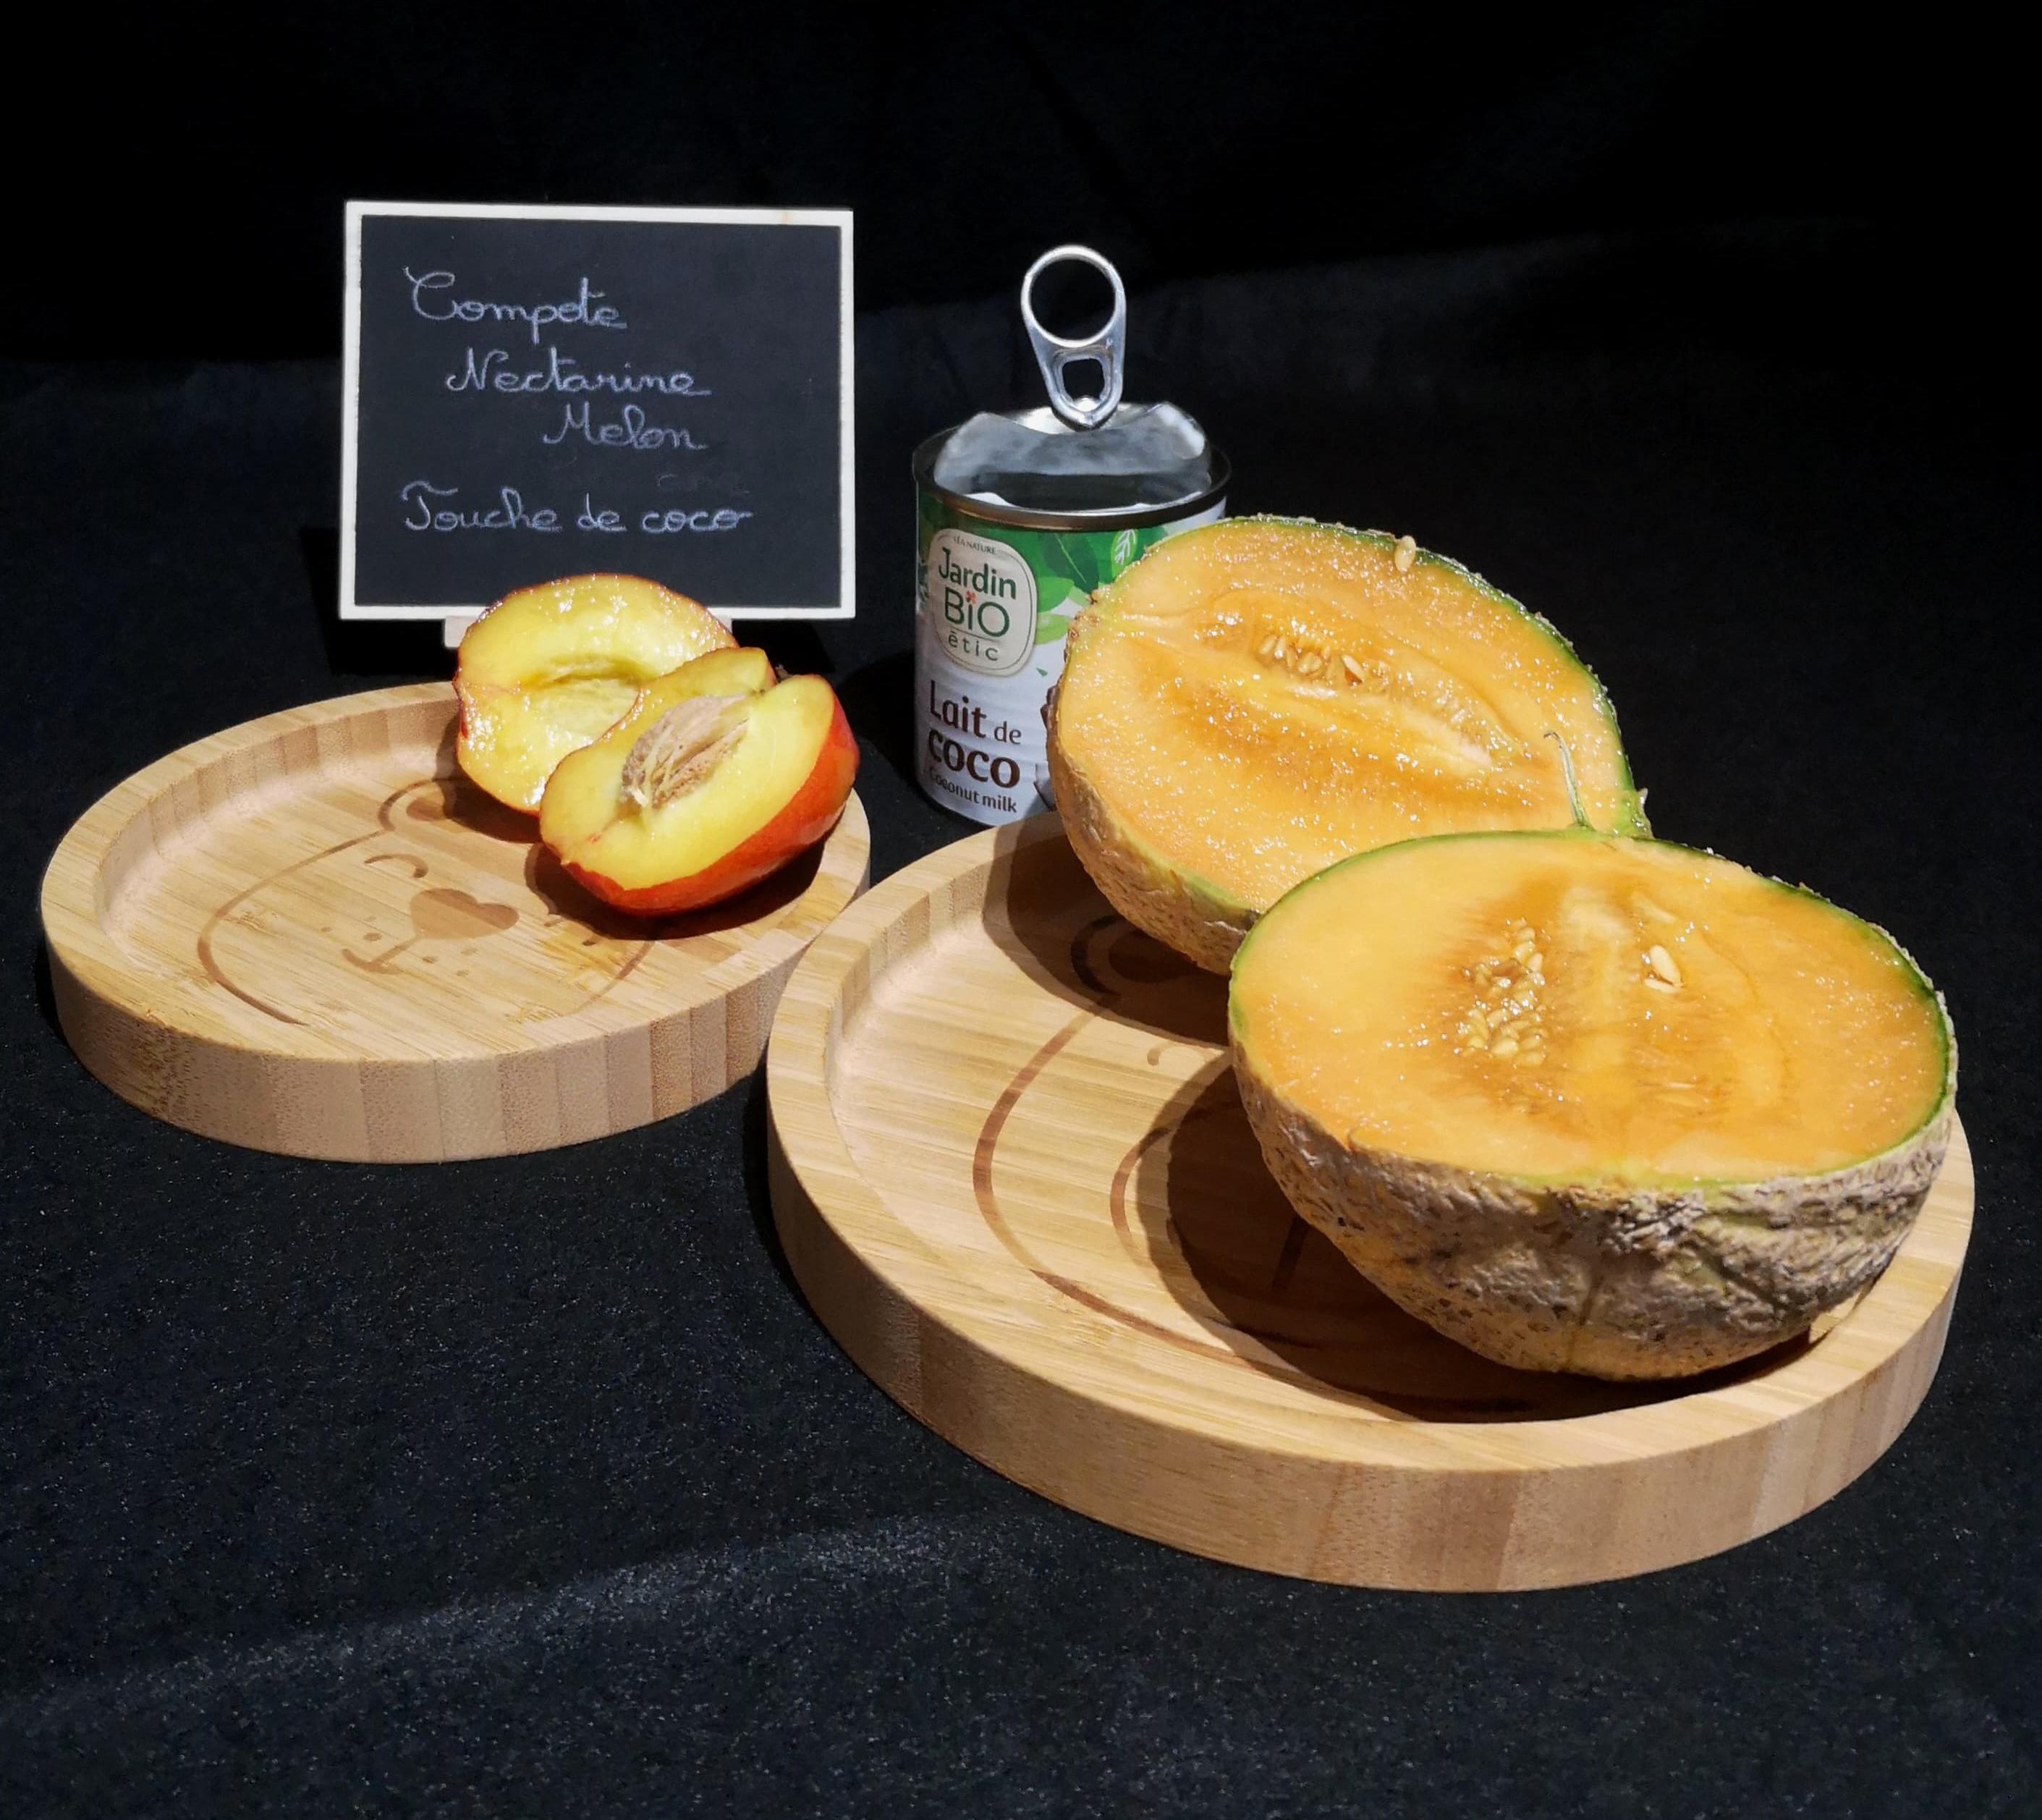 compote de melon et nectarine, touche de noix de coco